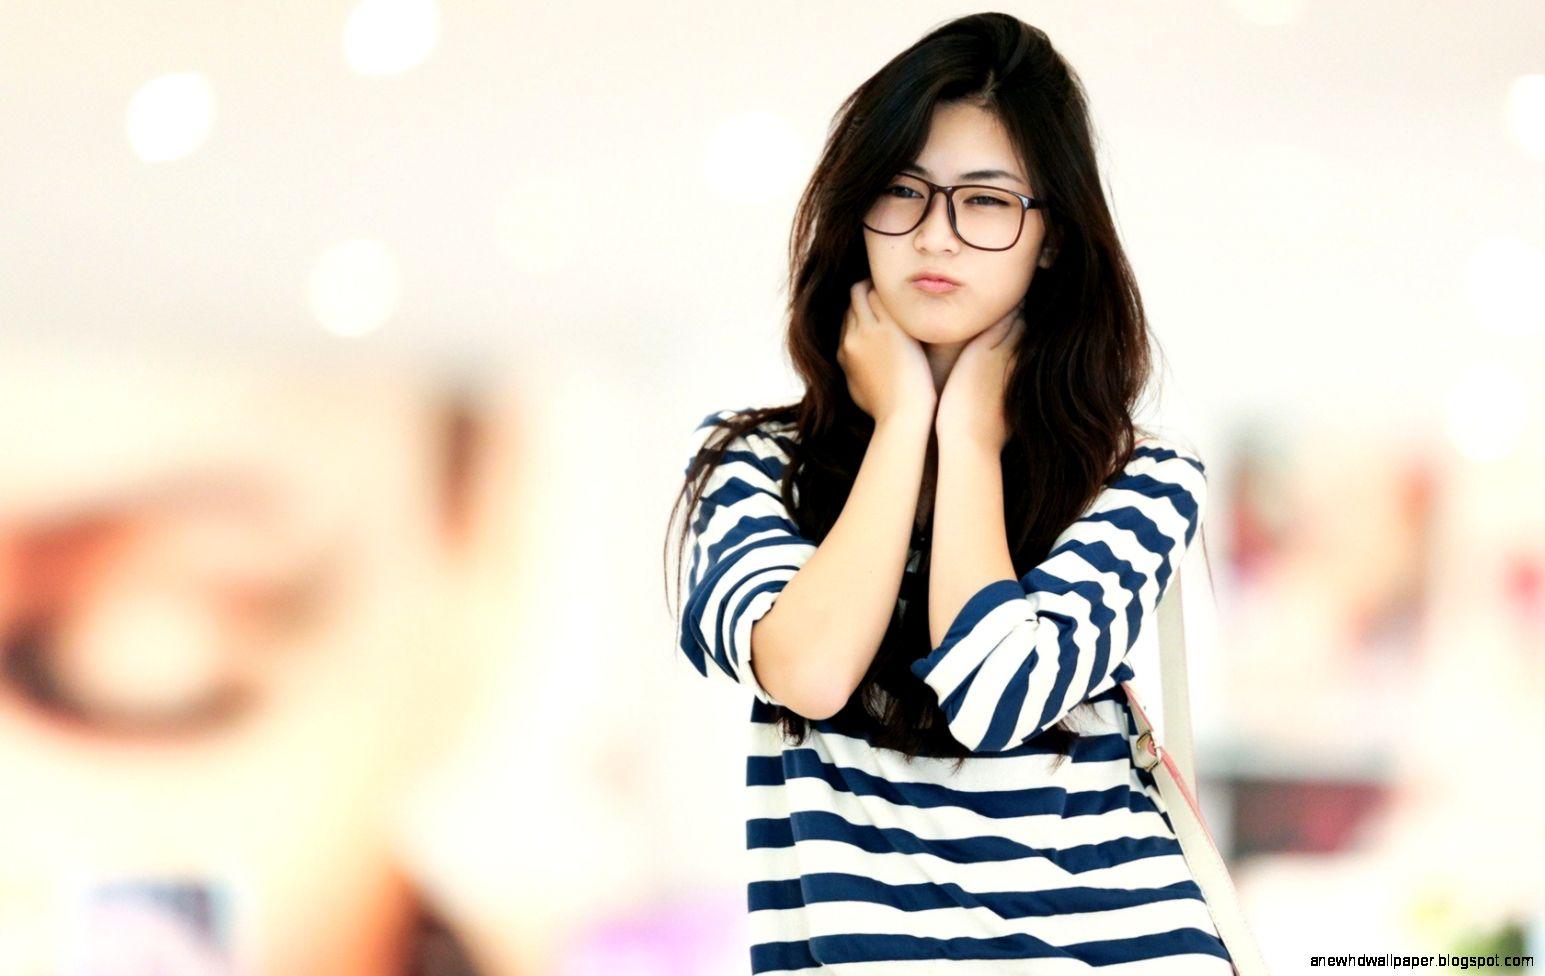 Wallpaper asian girl